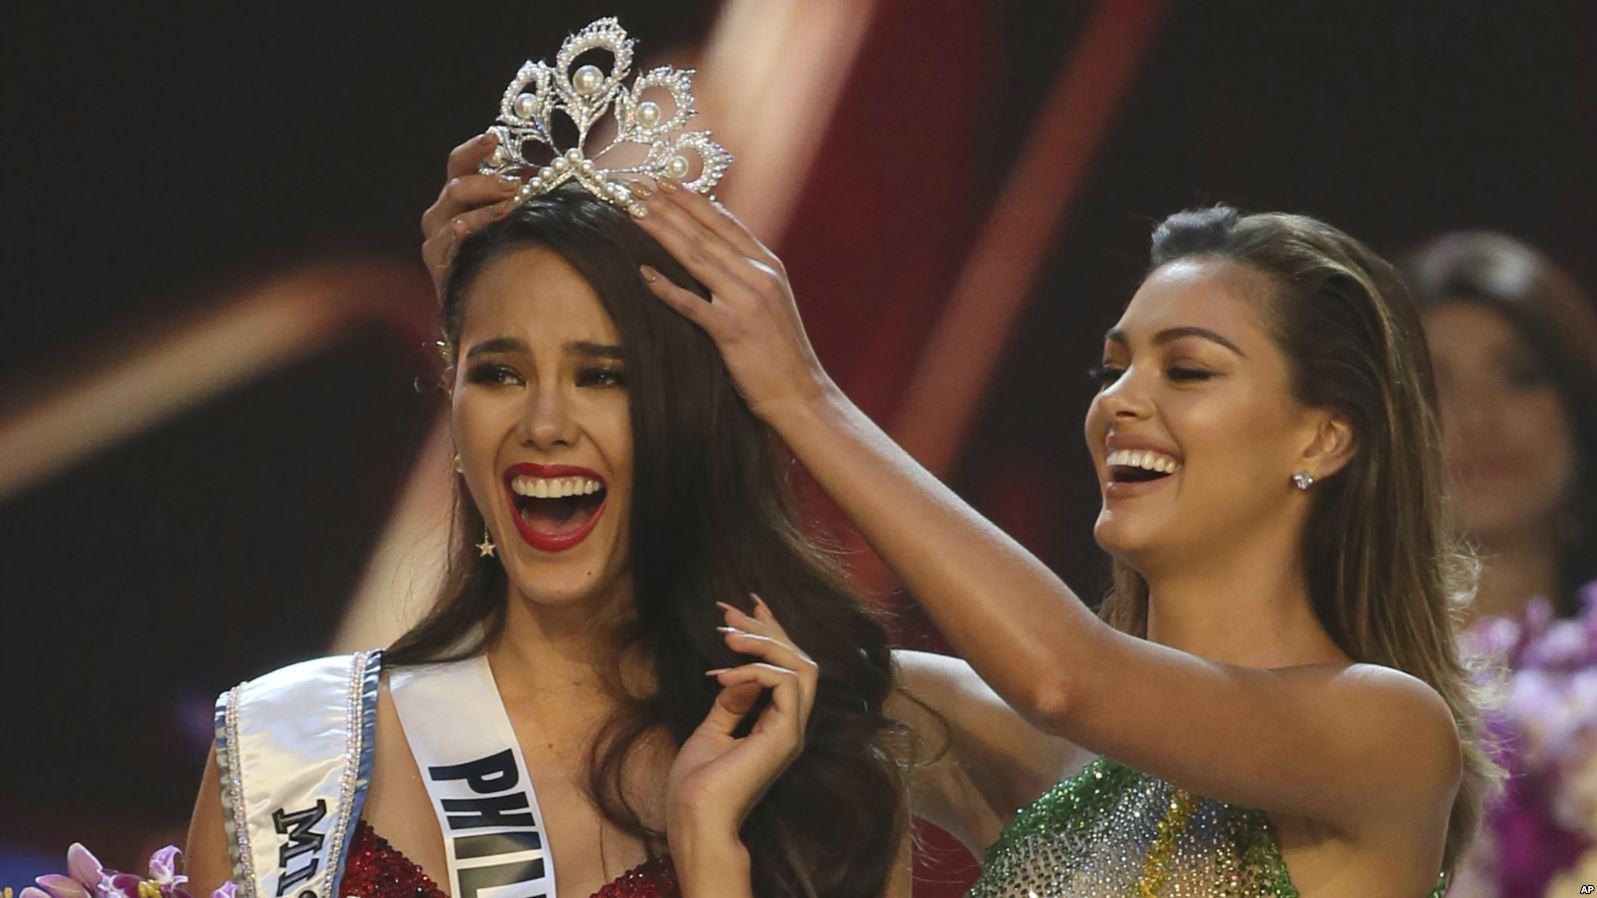 نماینده متولد استرالیای فیلیپین دختر شایسته جهان شد